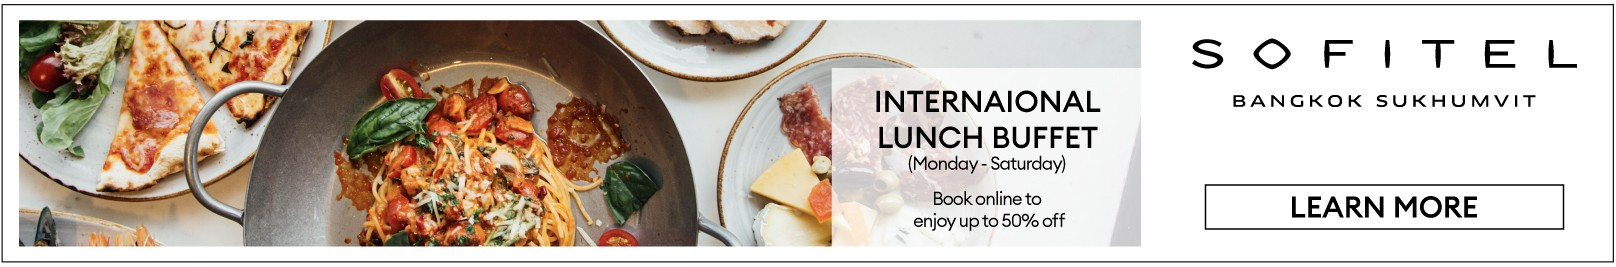 international lunch buffet bangkok